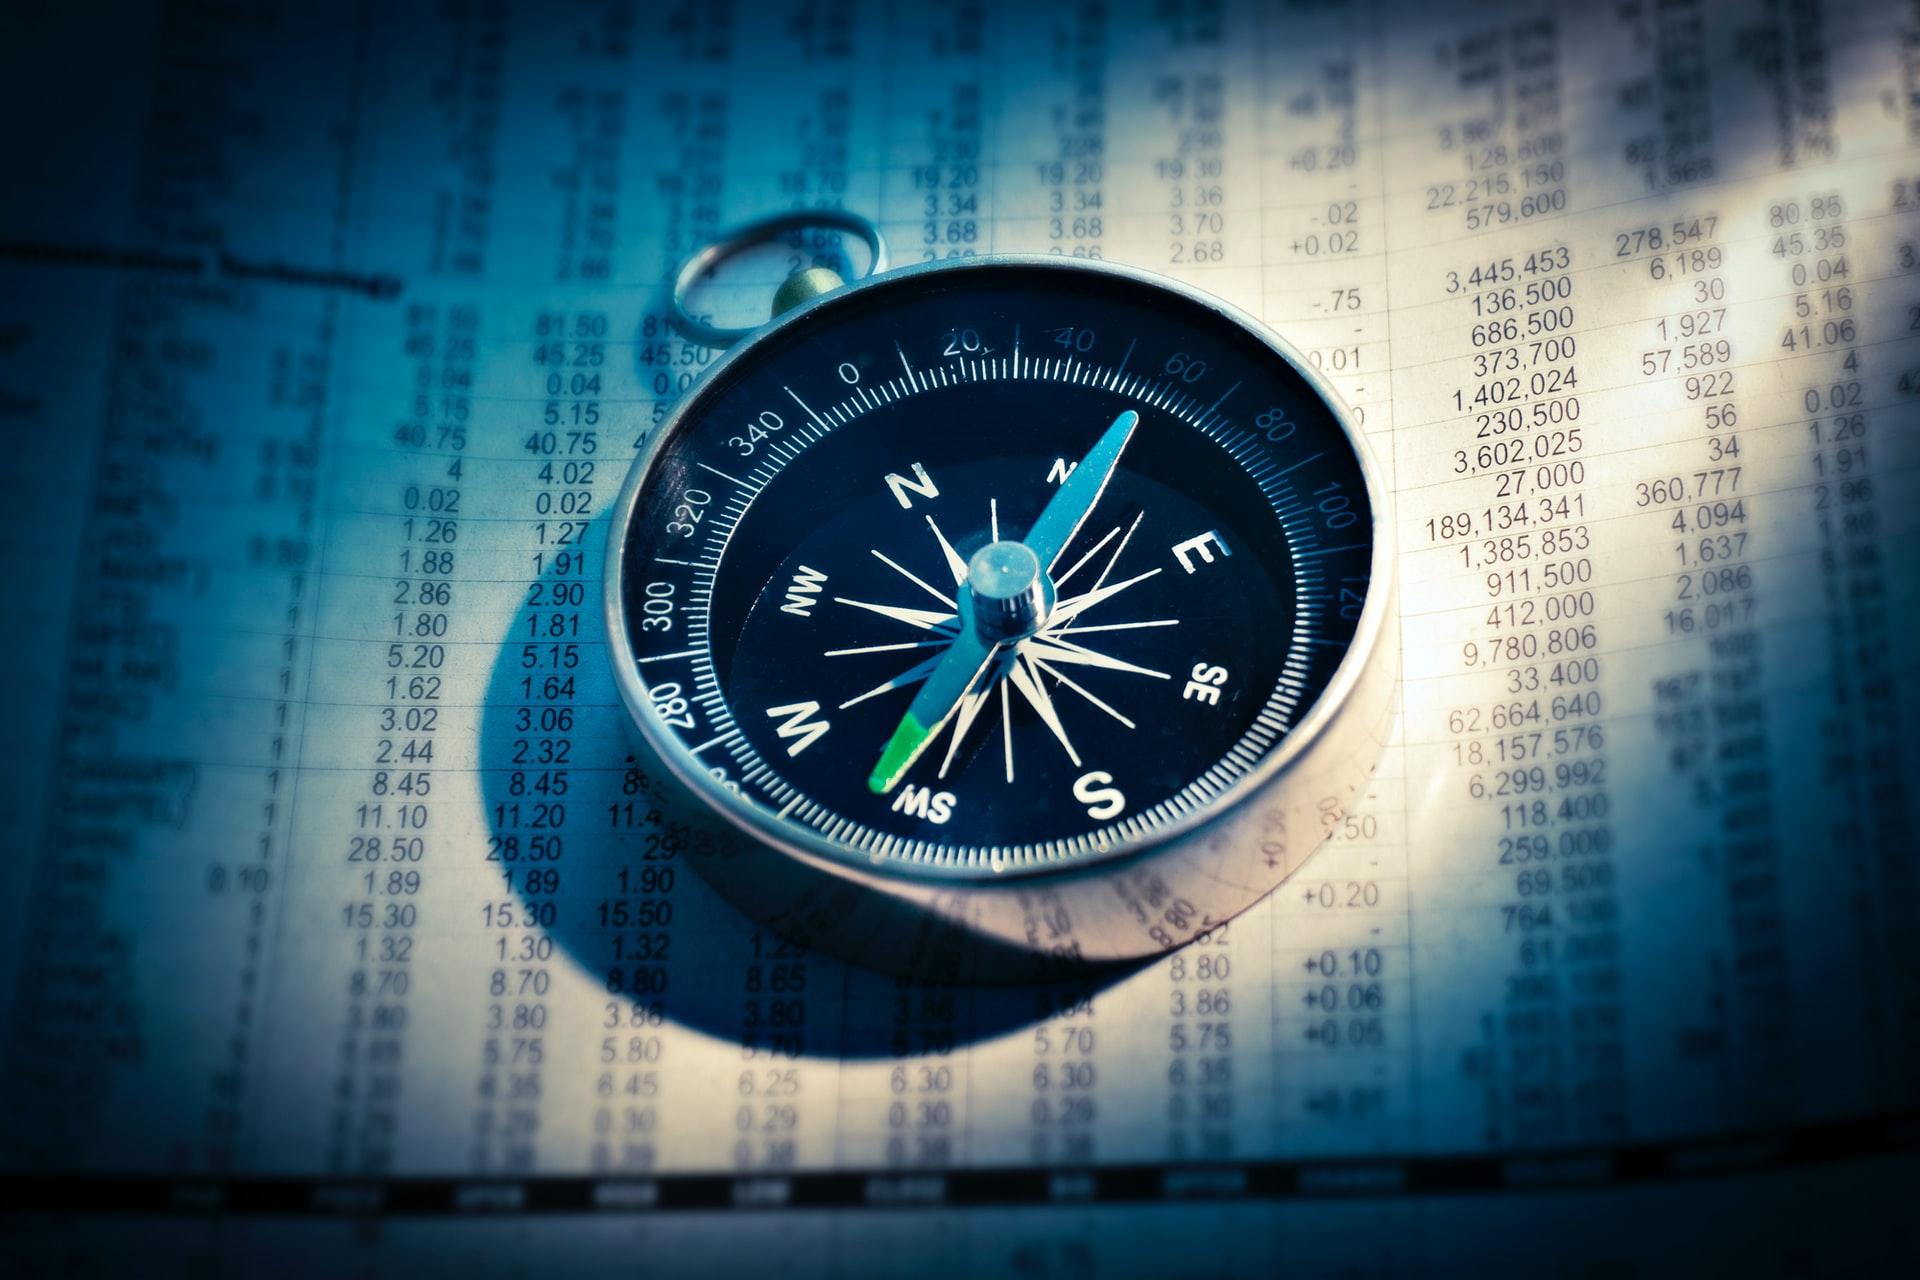 [定点観測] 経営指標 企業ランキング